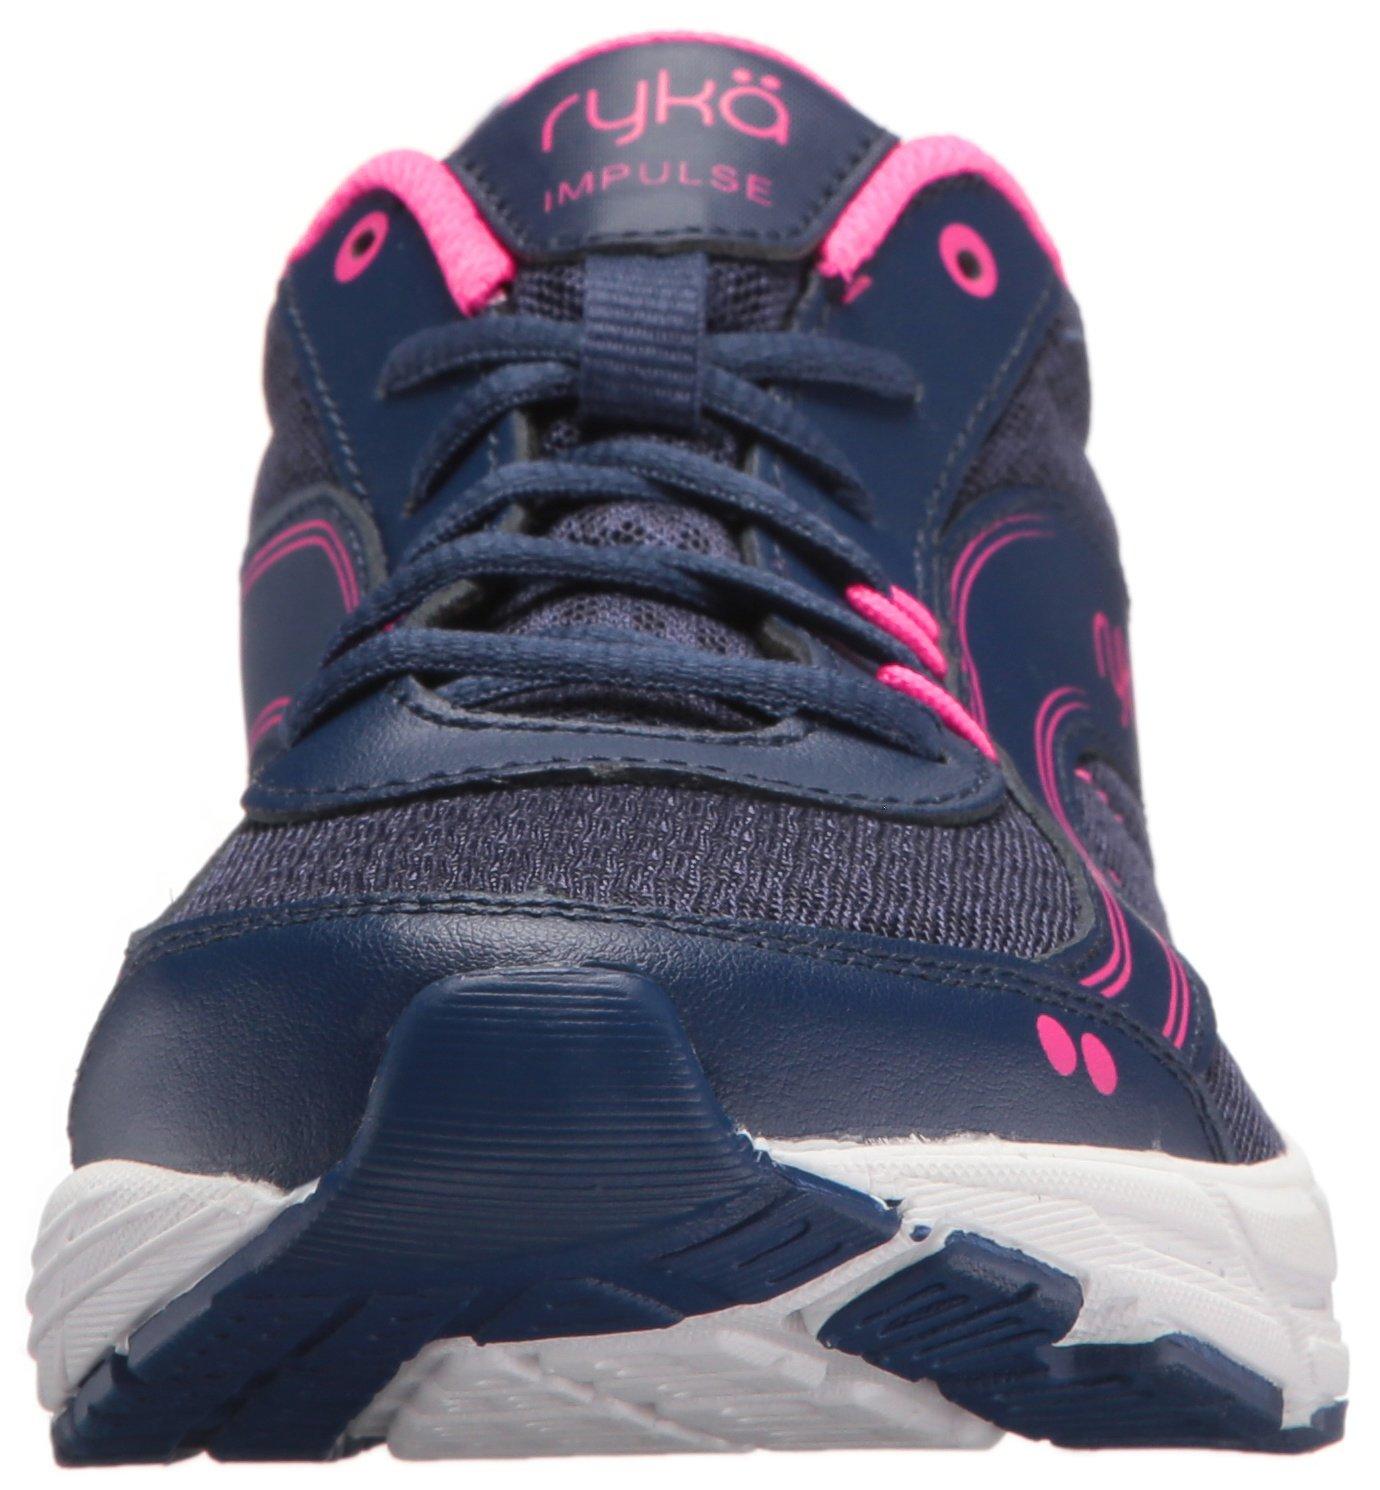 Ryka Women's Impulse Walking Shoe B0721L136K 8.5 W US|Blue/Pink